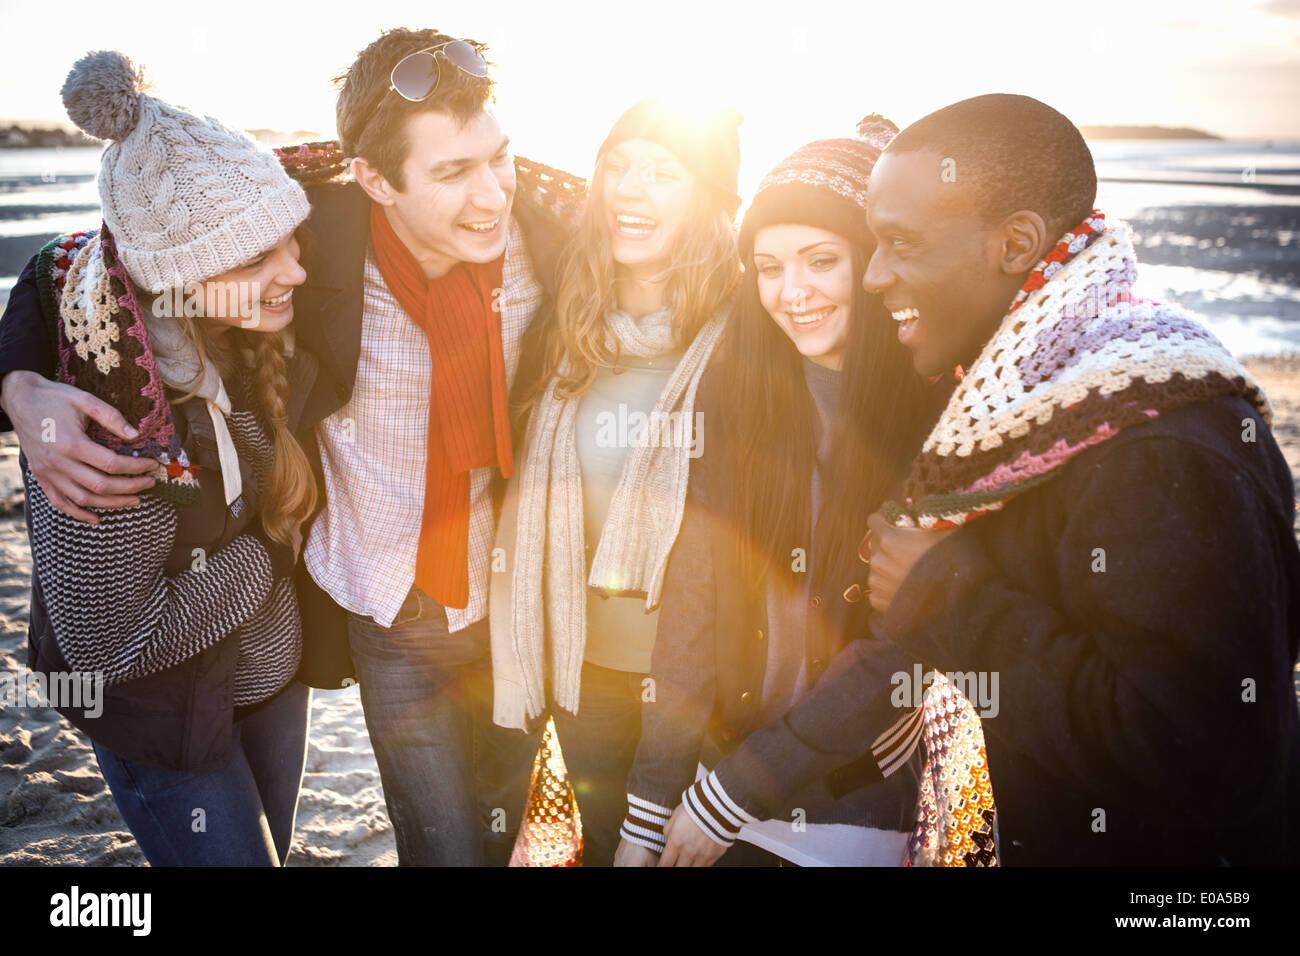 Cinq amis adultes enveloppé dans une couverture sur la plage Photo Stock